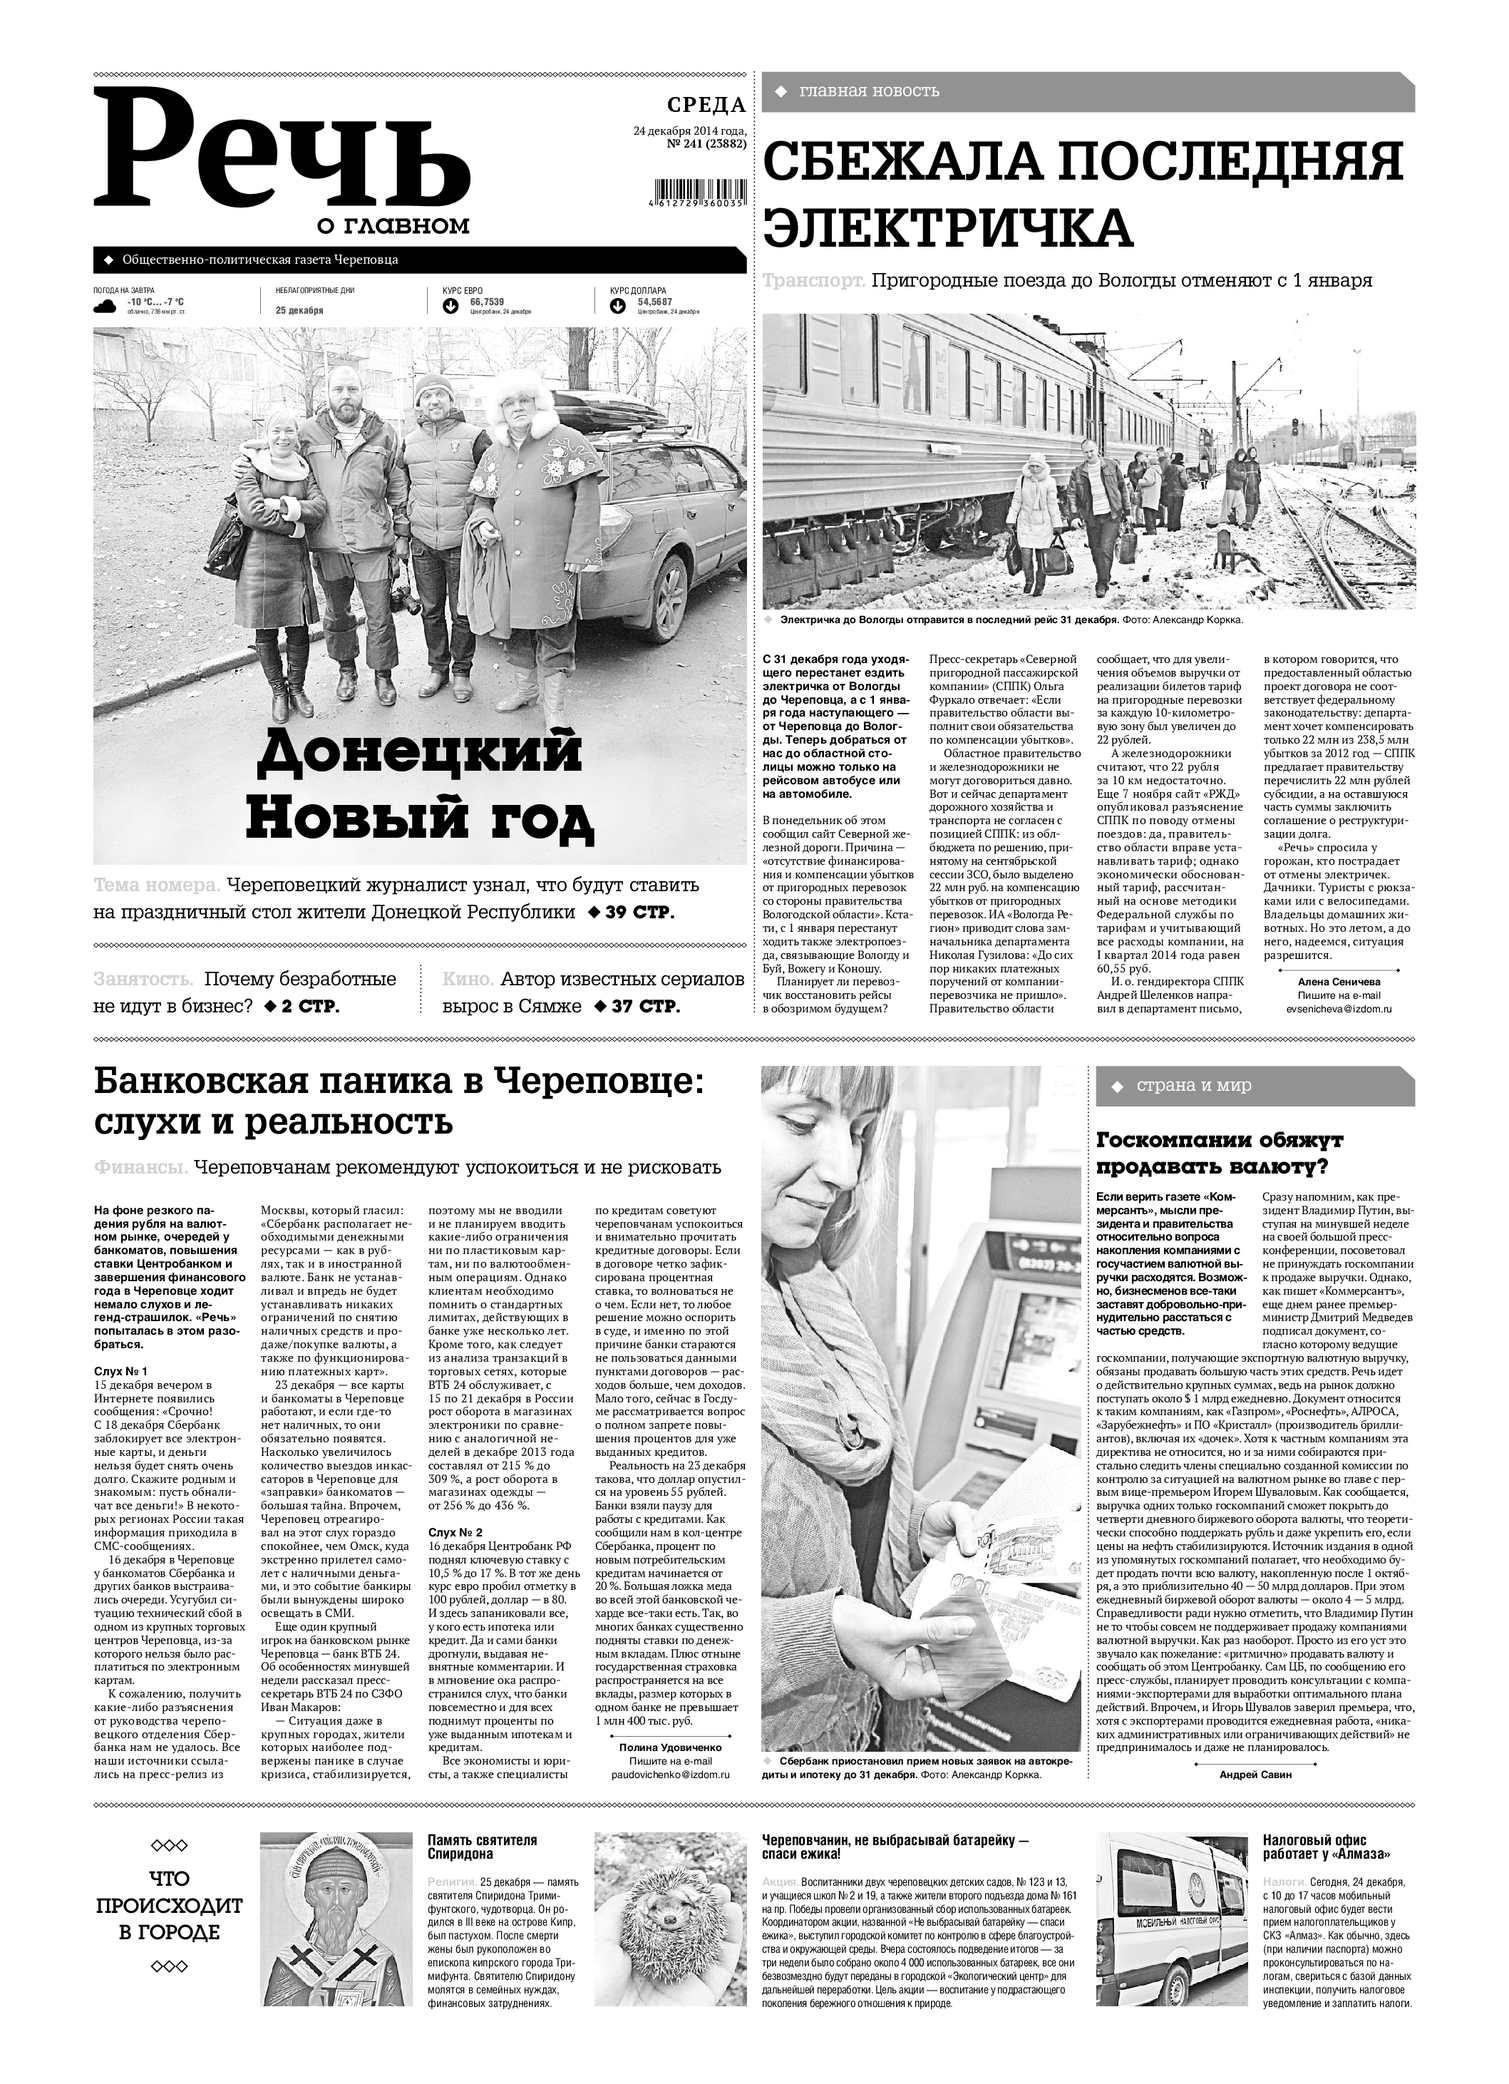 Чеки для налоговой Череповецкая улица 3 ндфл без дохода